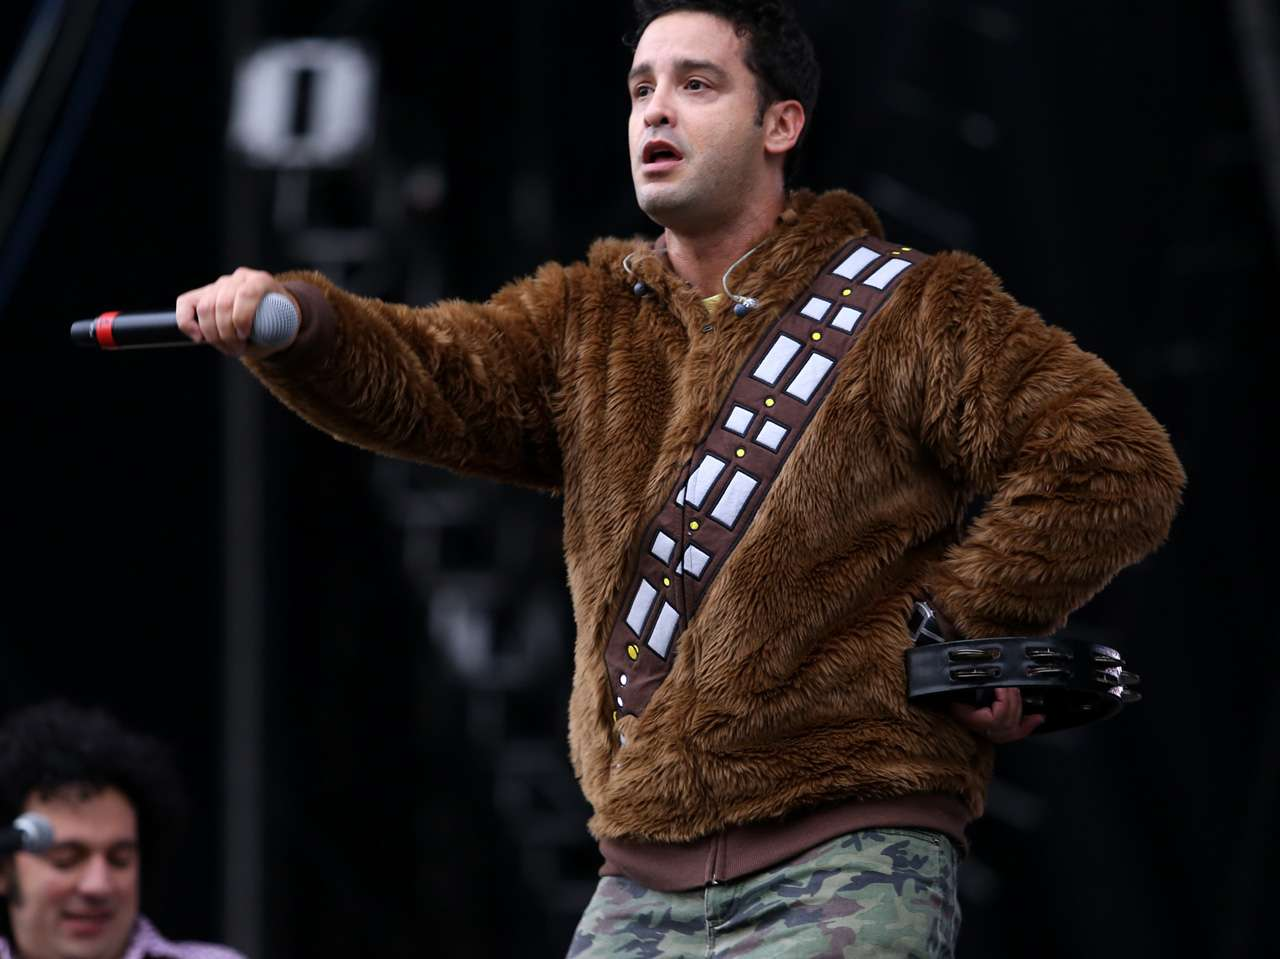 El vocalista de los 'Amigos Invisibles' prefirió guardar la calma y no detener el show Foto: Medios y Media